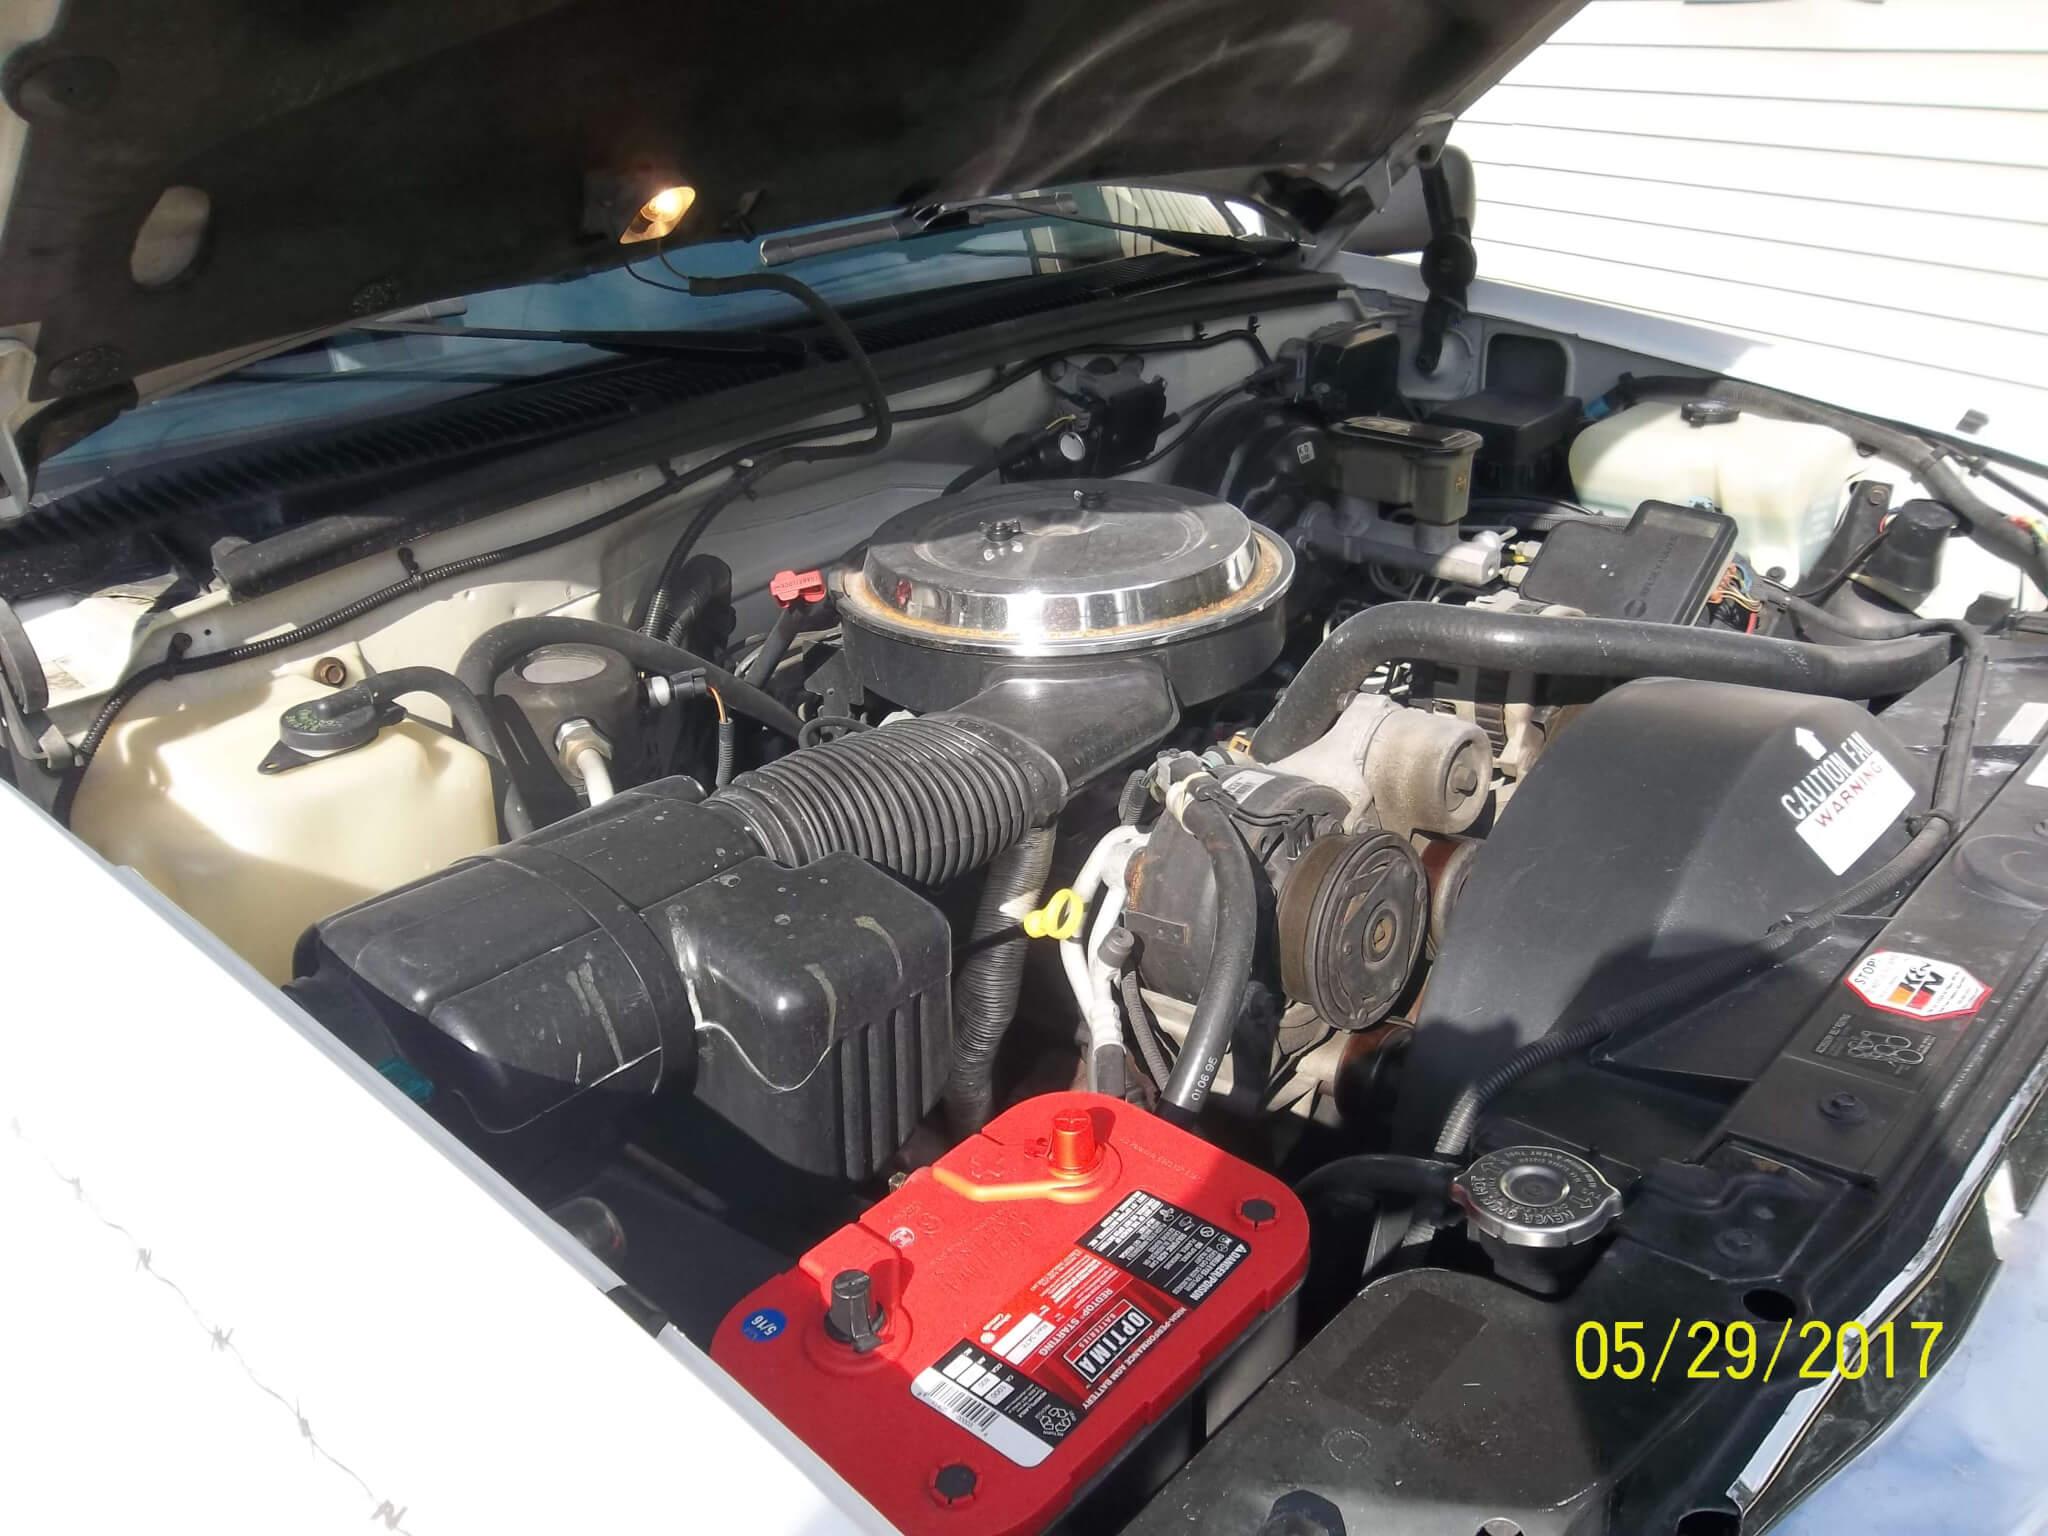 1995 silverado engine